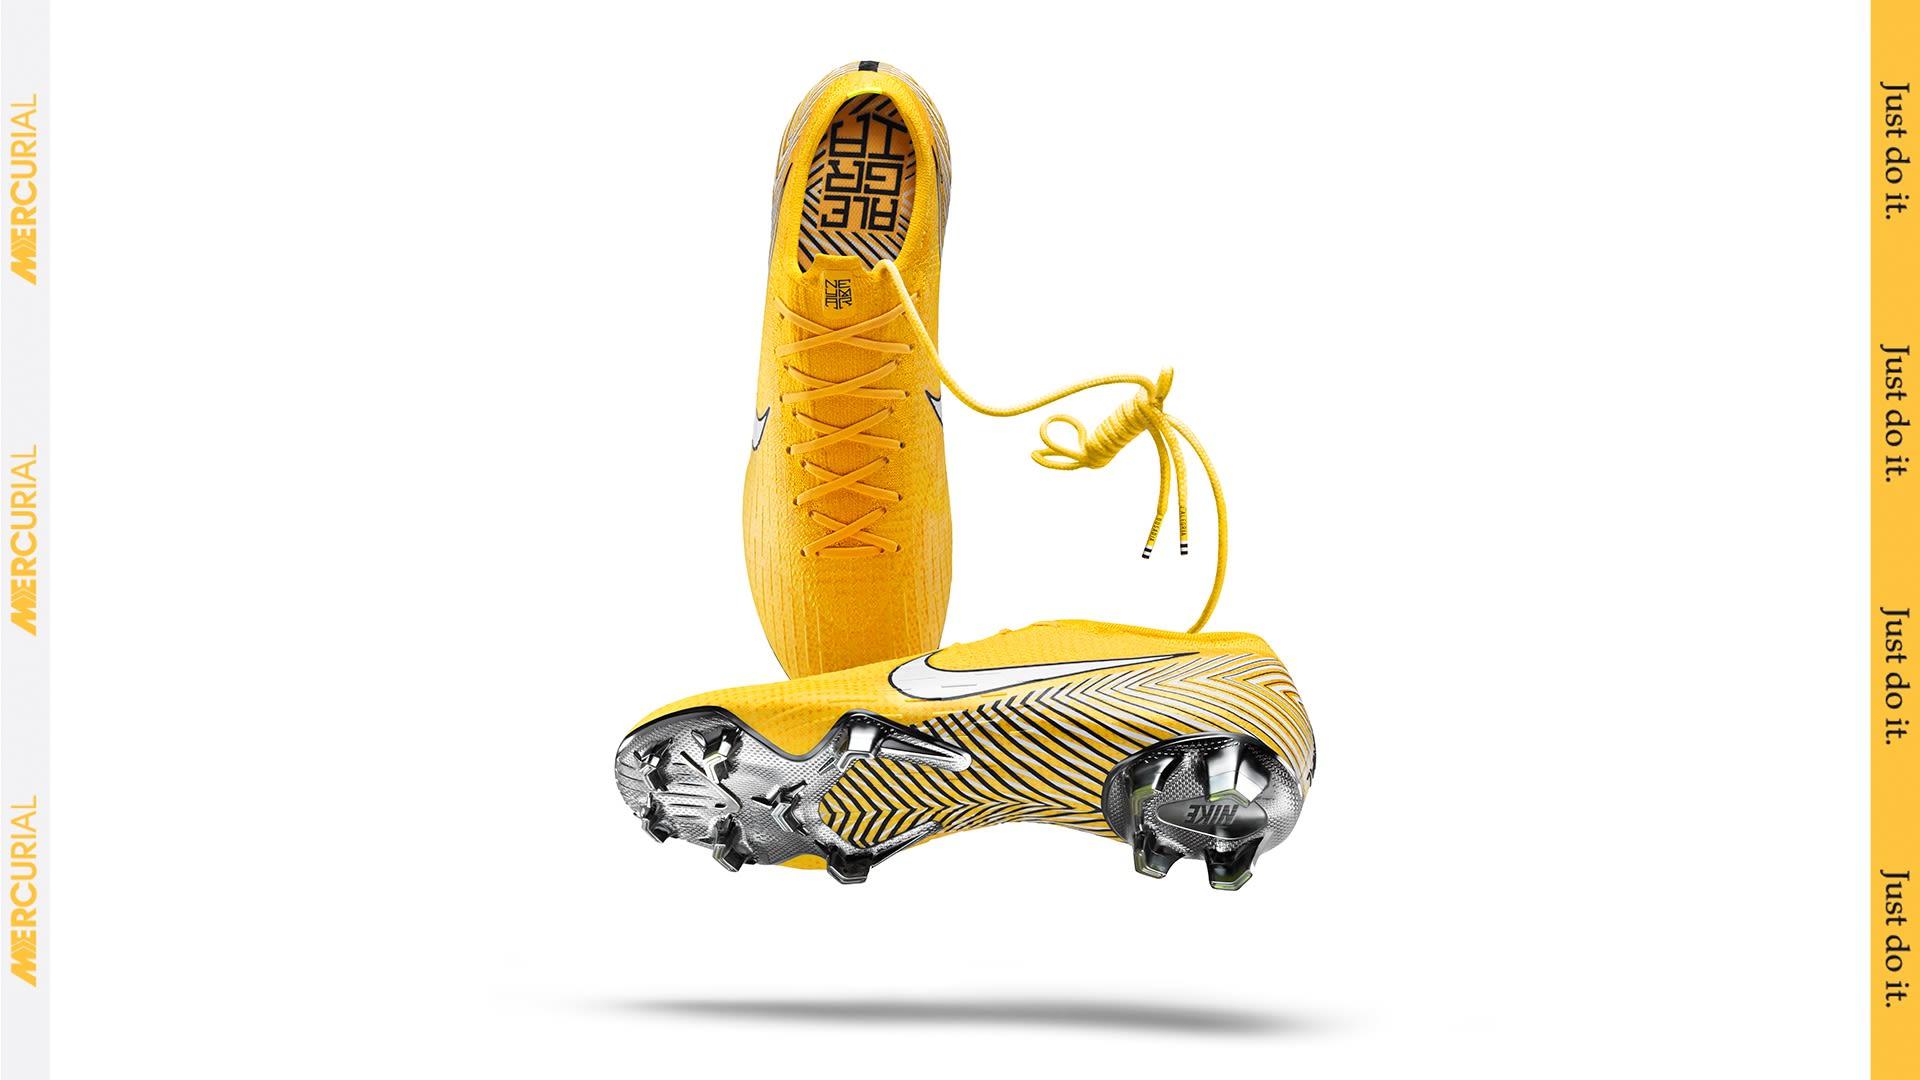 6bd5582ed1ee6 Detrás del diseño  Neymar Jr. Meu Jogo Mercurial Vapor 360. Nike.com ES